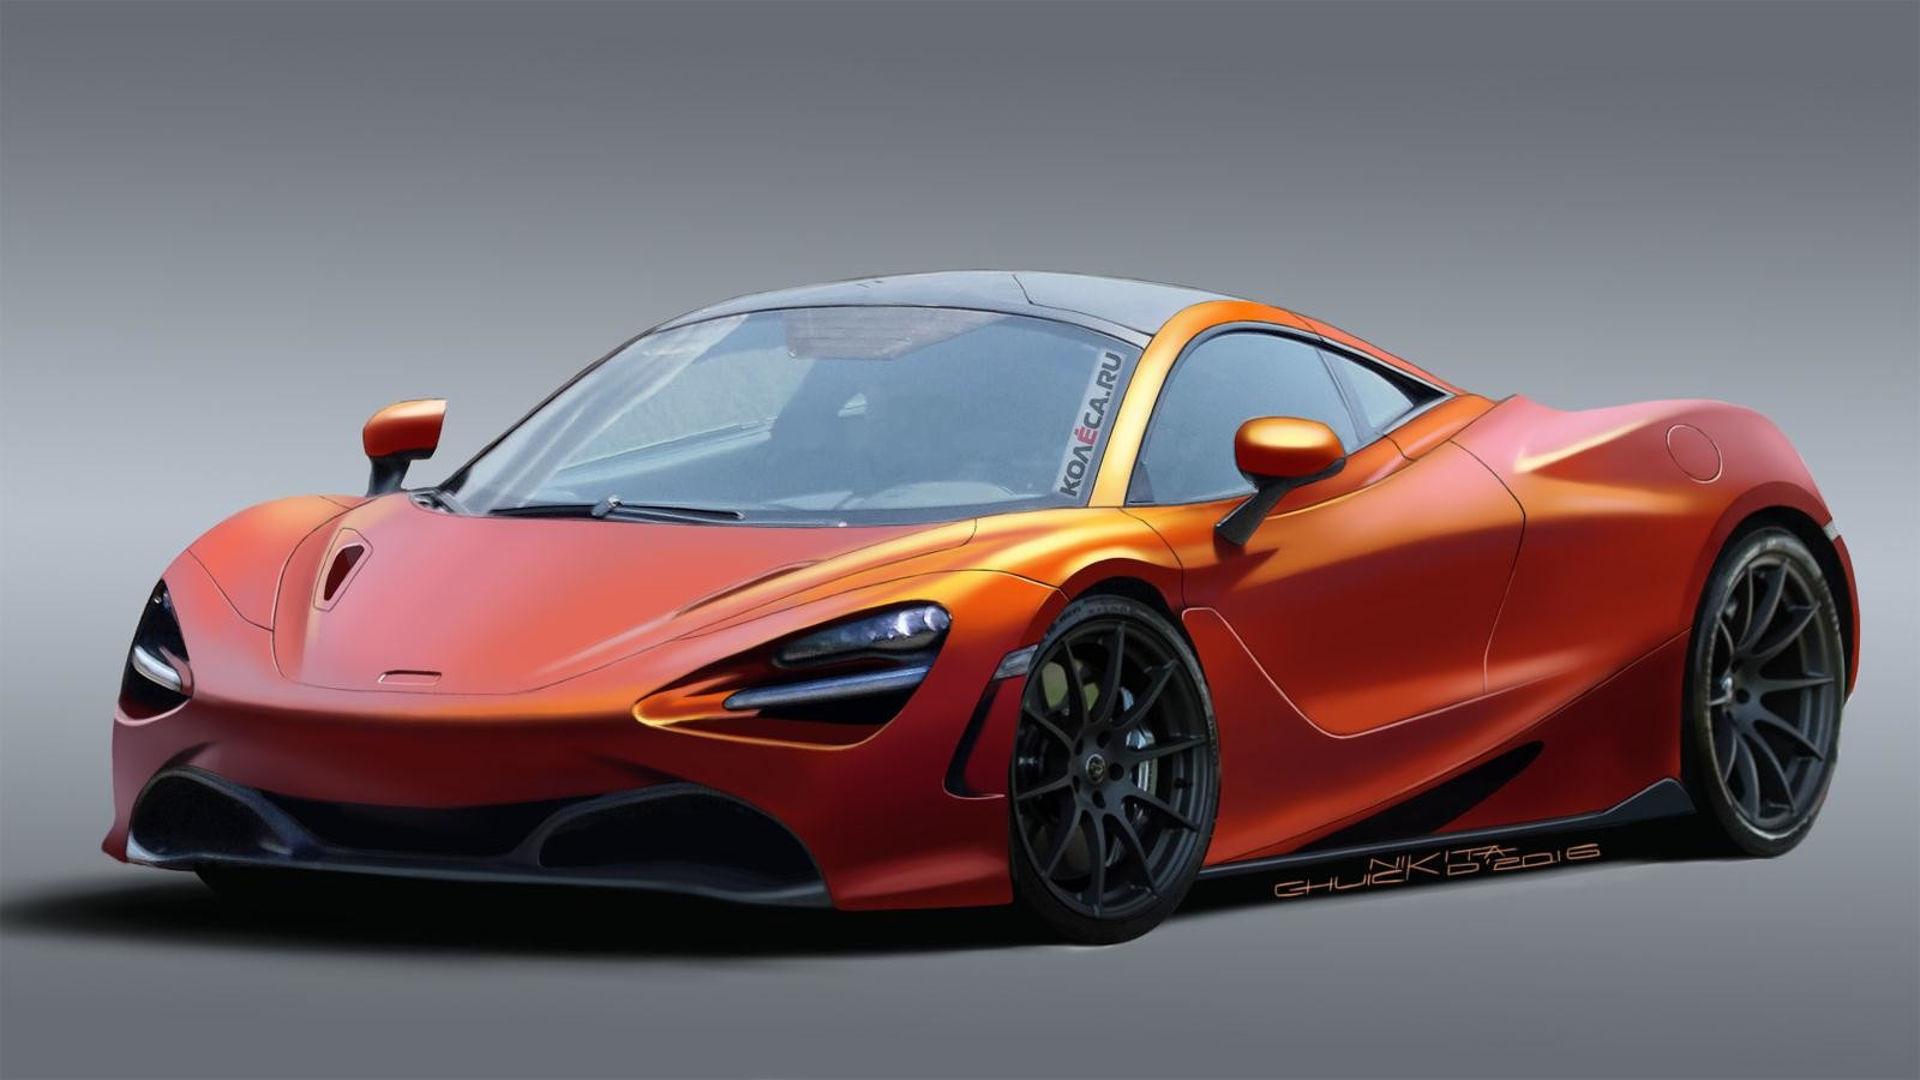 Mclaren Price 2017 >> McLaren 720S rendering looks production ready